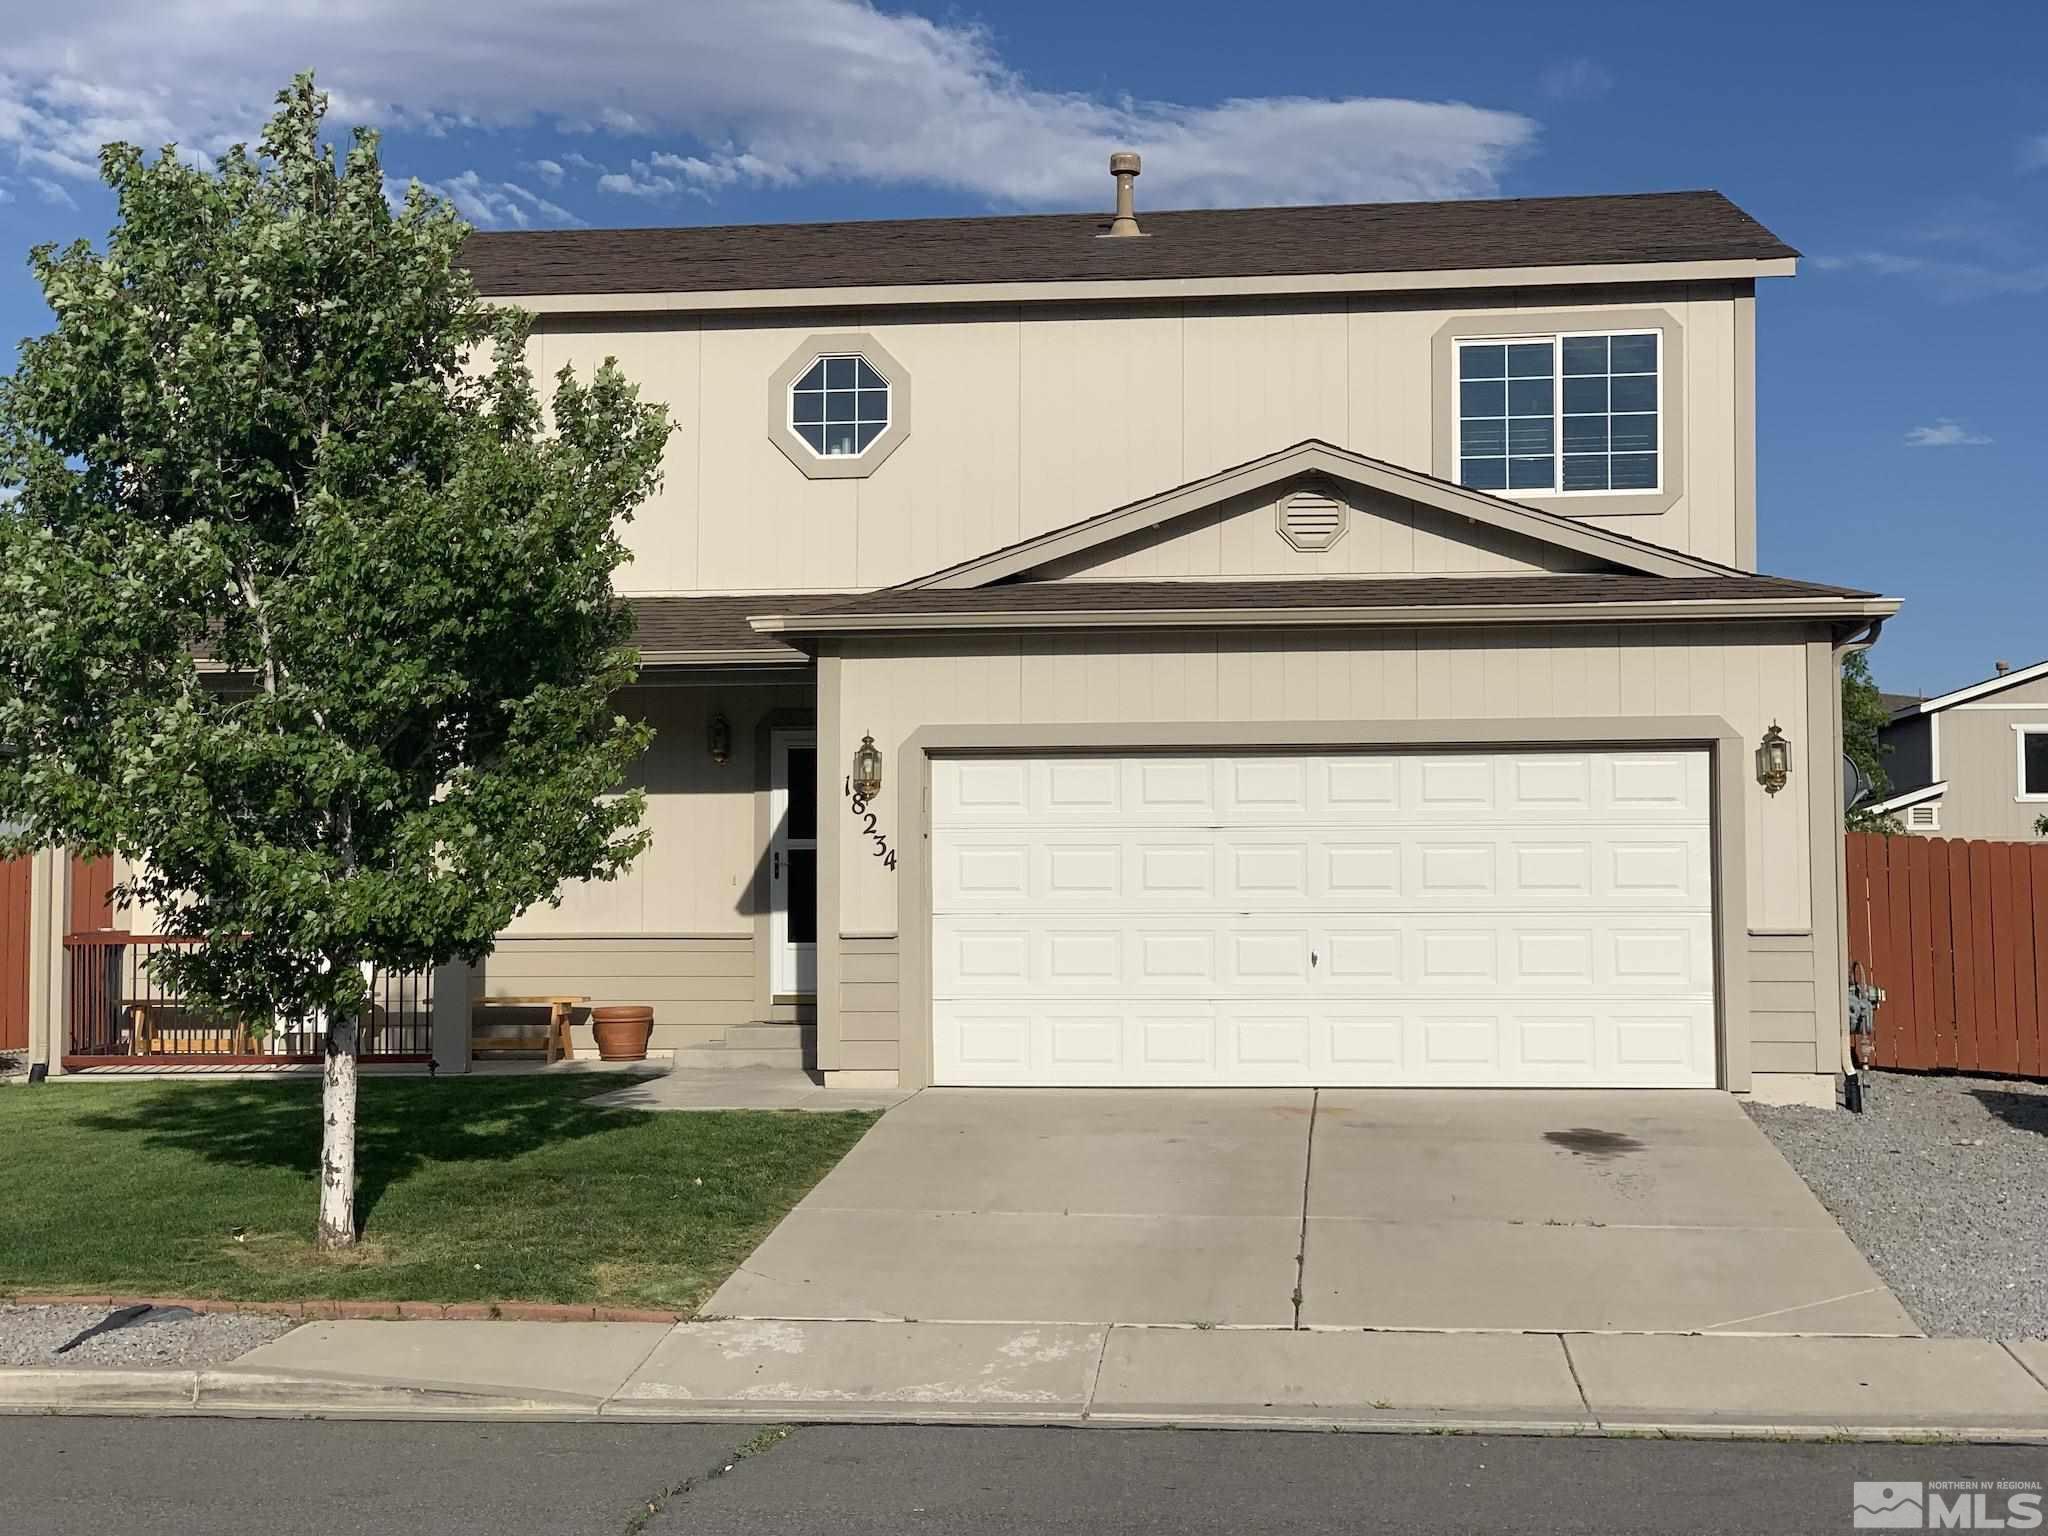 Image for 18234 Oakbrook Lane, Reno, NV 89508-4026